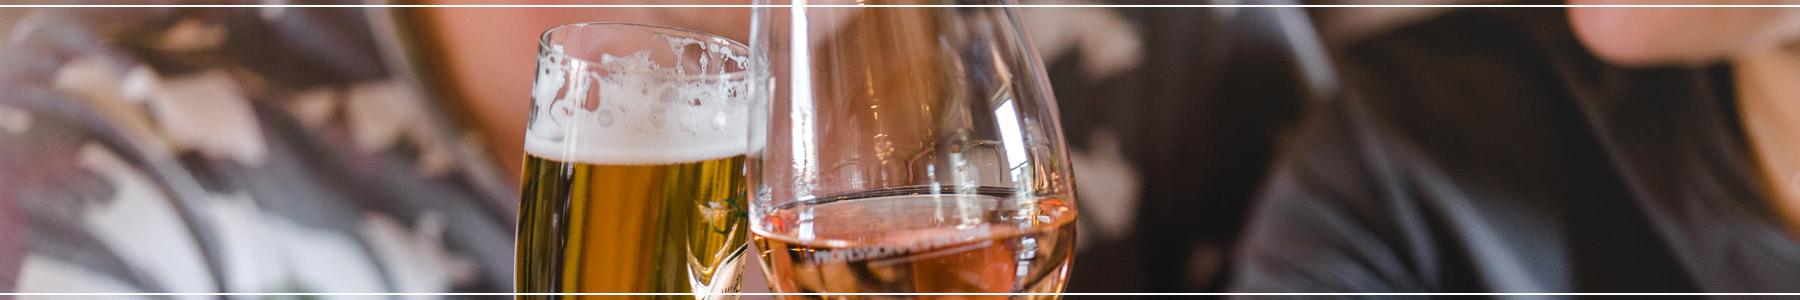 Sliderafbeelding met 2 glazen